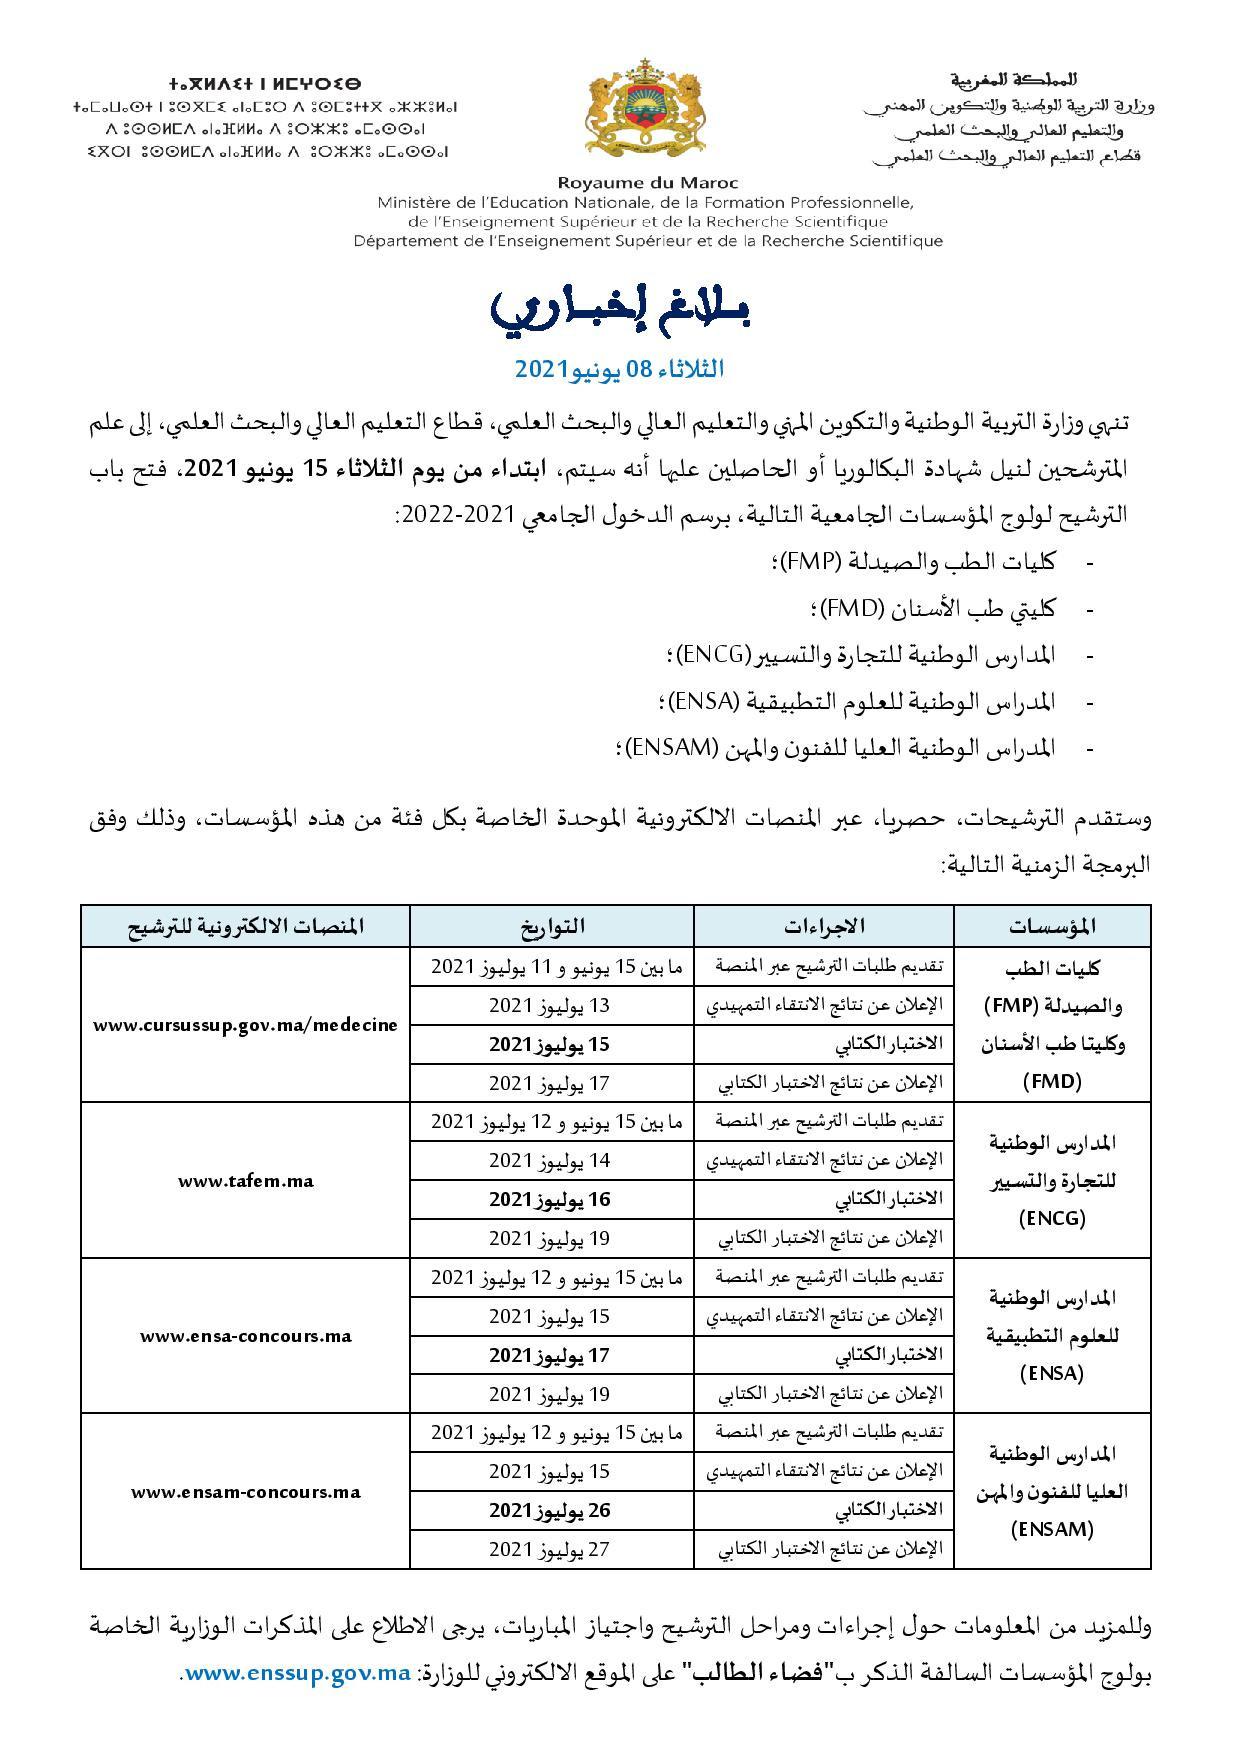 فتح باب الترشيح لولوج المؤسسات الجامعية ذات الاستقطاب المحدود FMP FMD ENCG ENSA ENSAM برسم الدخول الجامعي 2022-2021